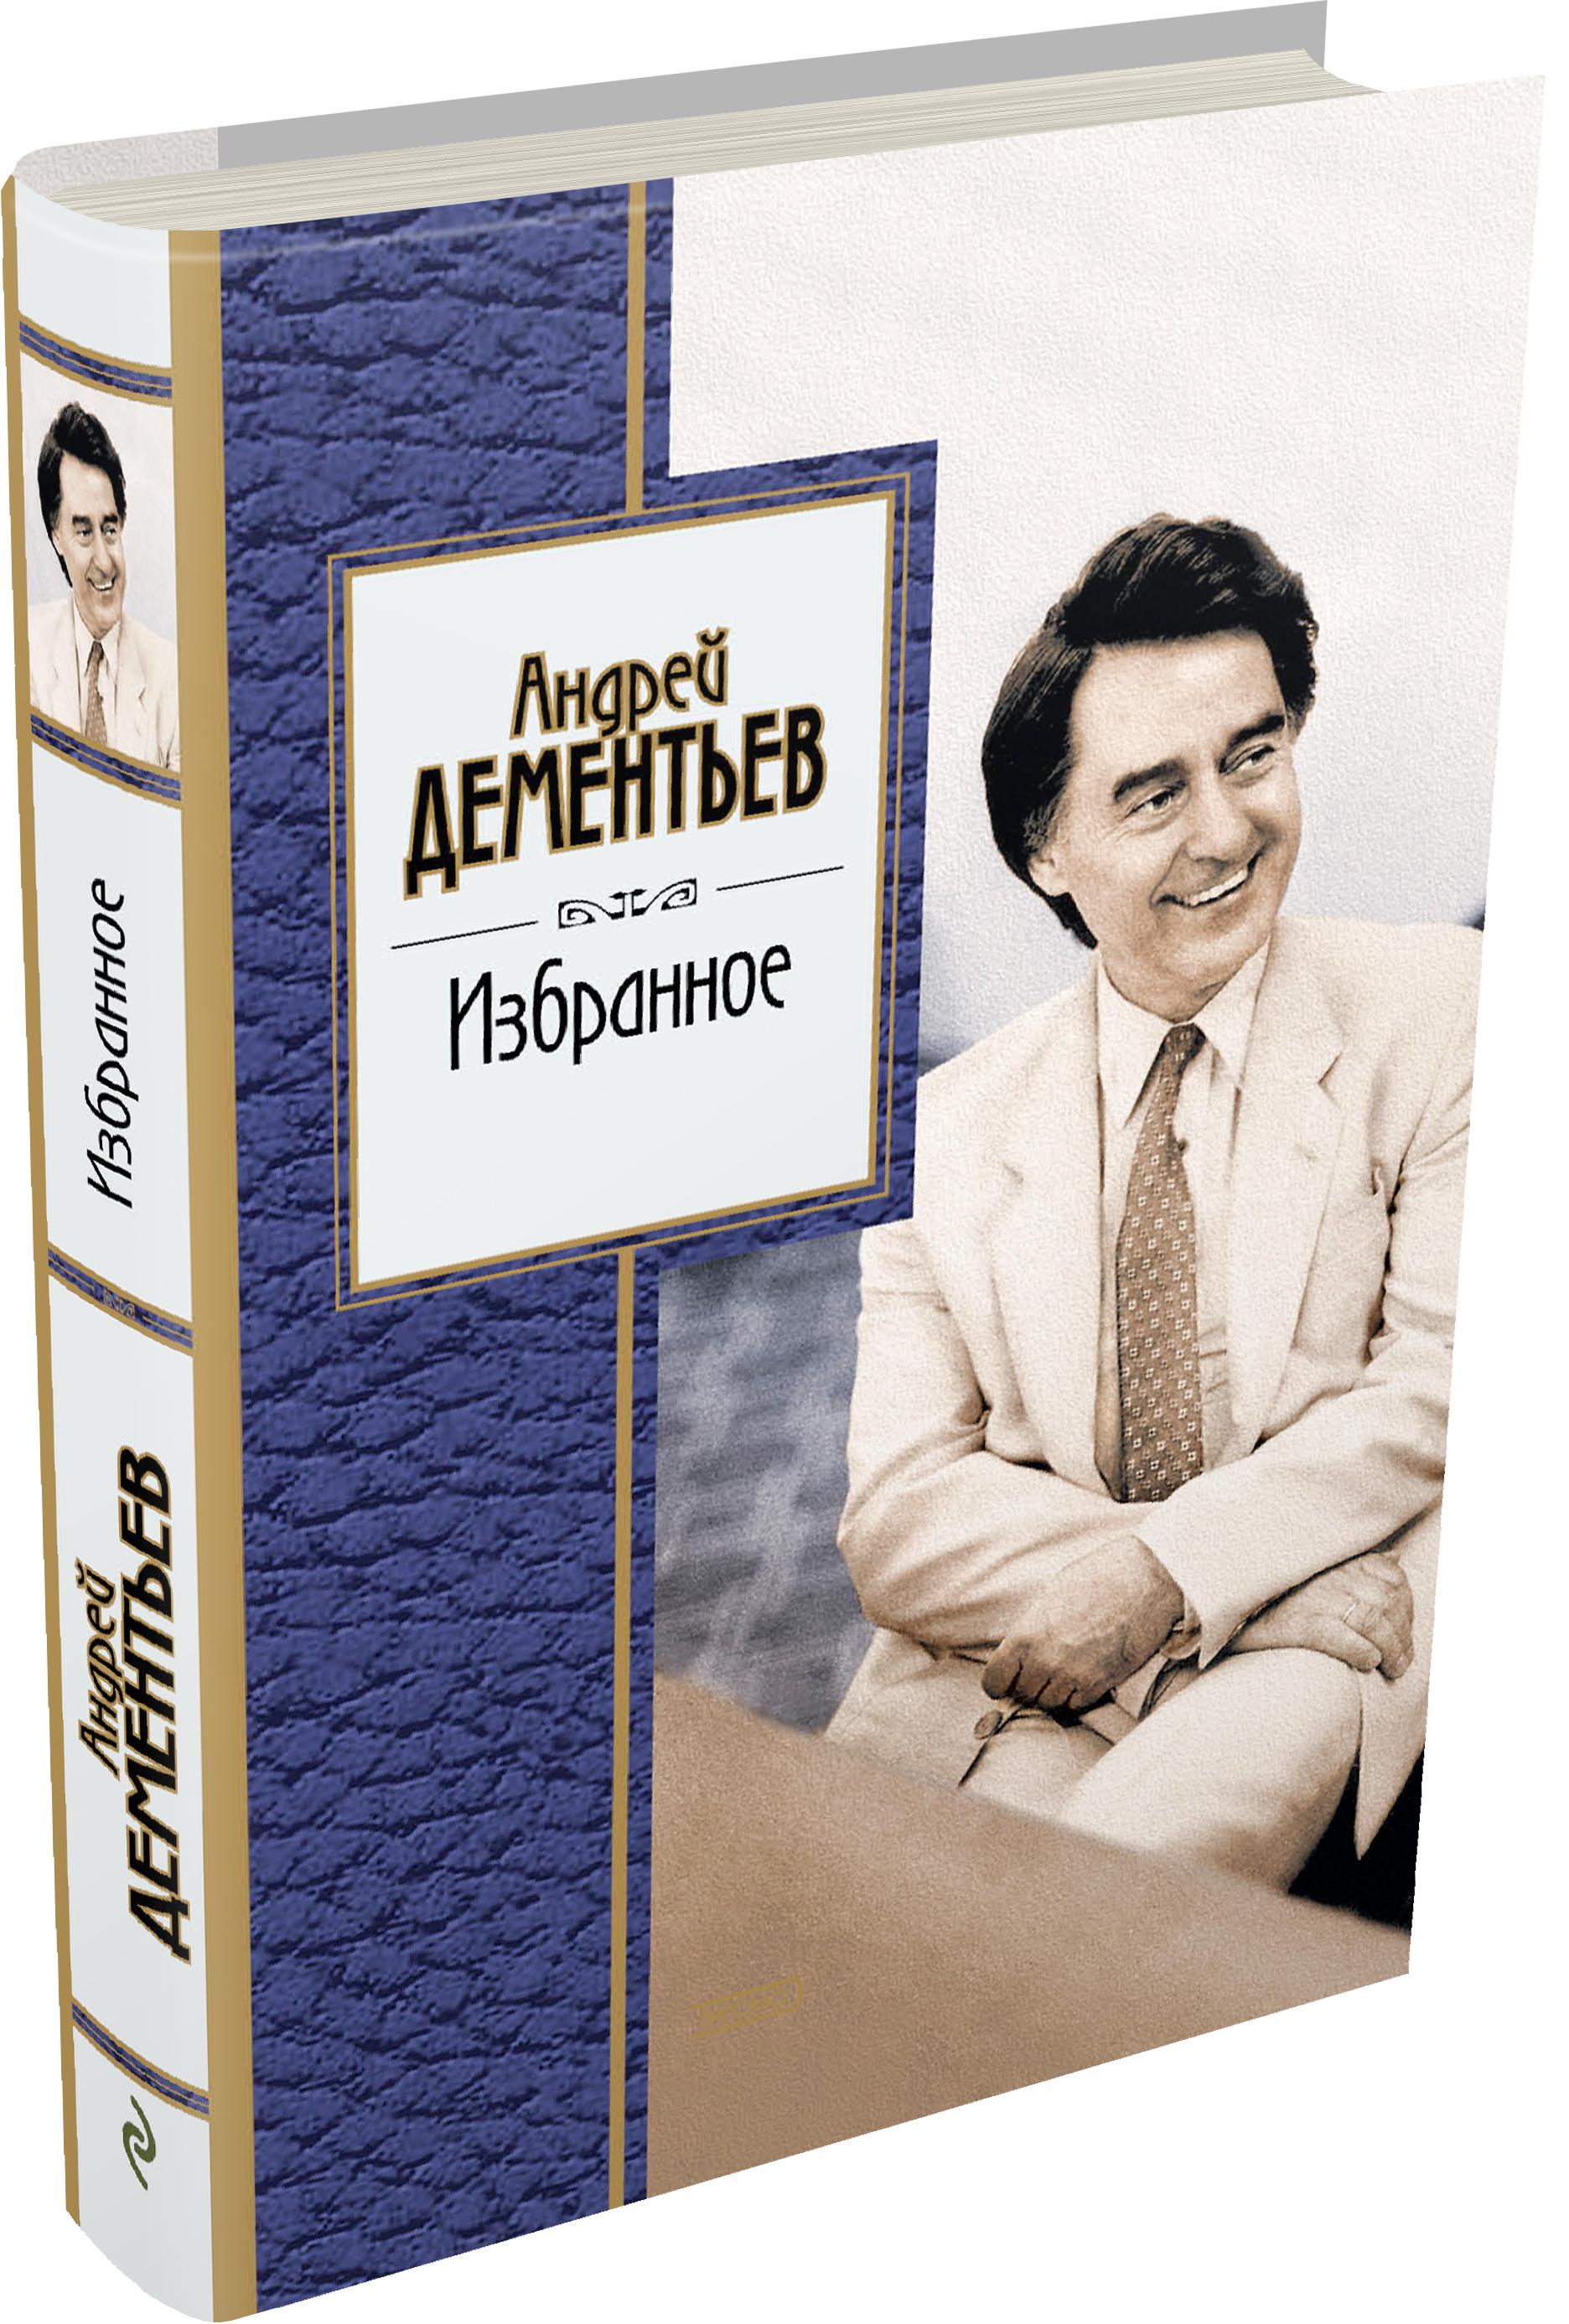 Дементьев А.Д. Избранное олег лукойе рокировка избранное